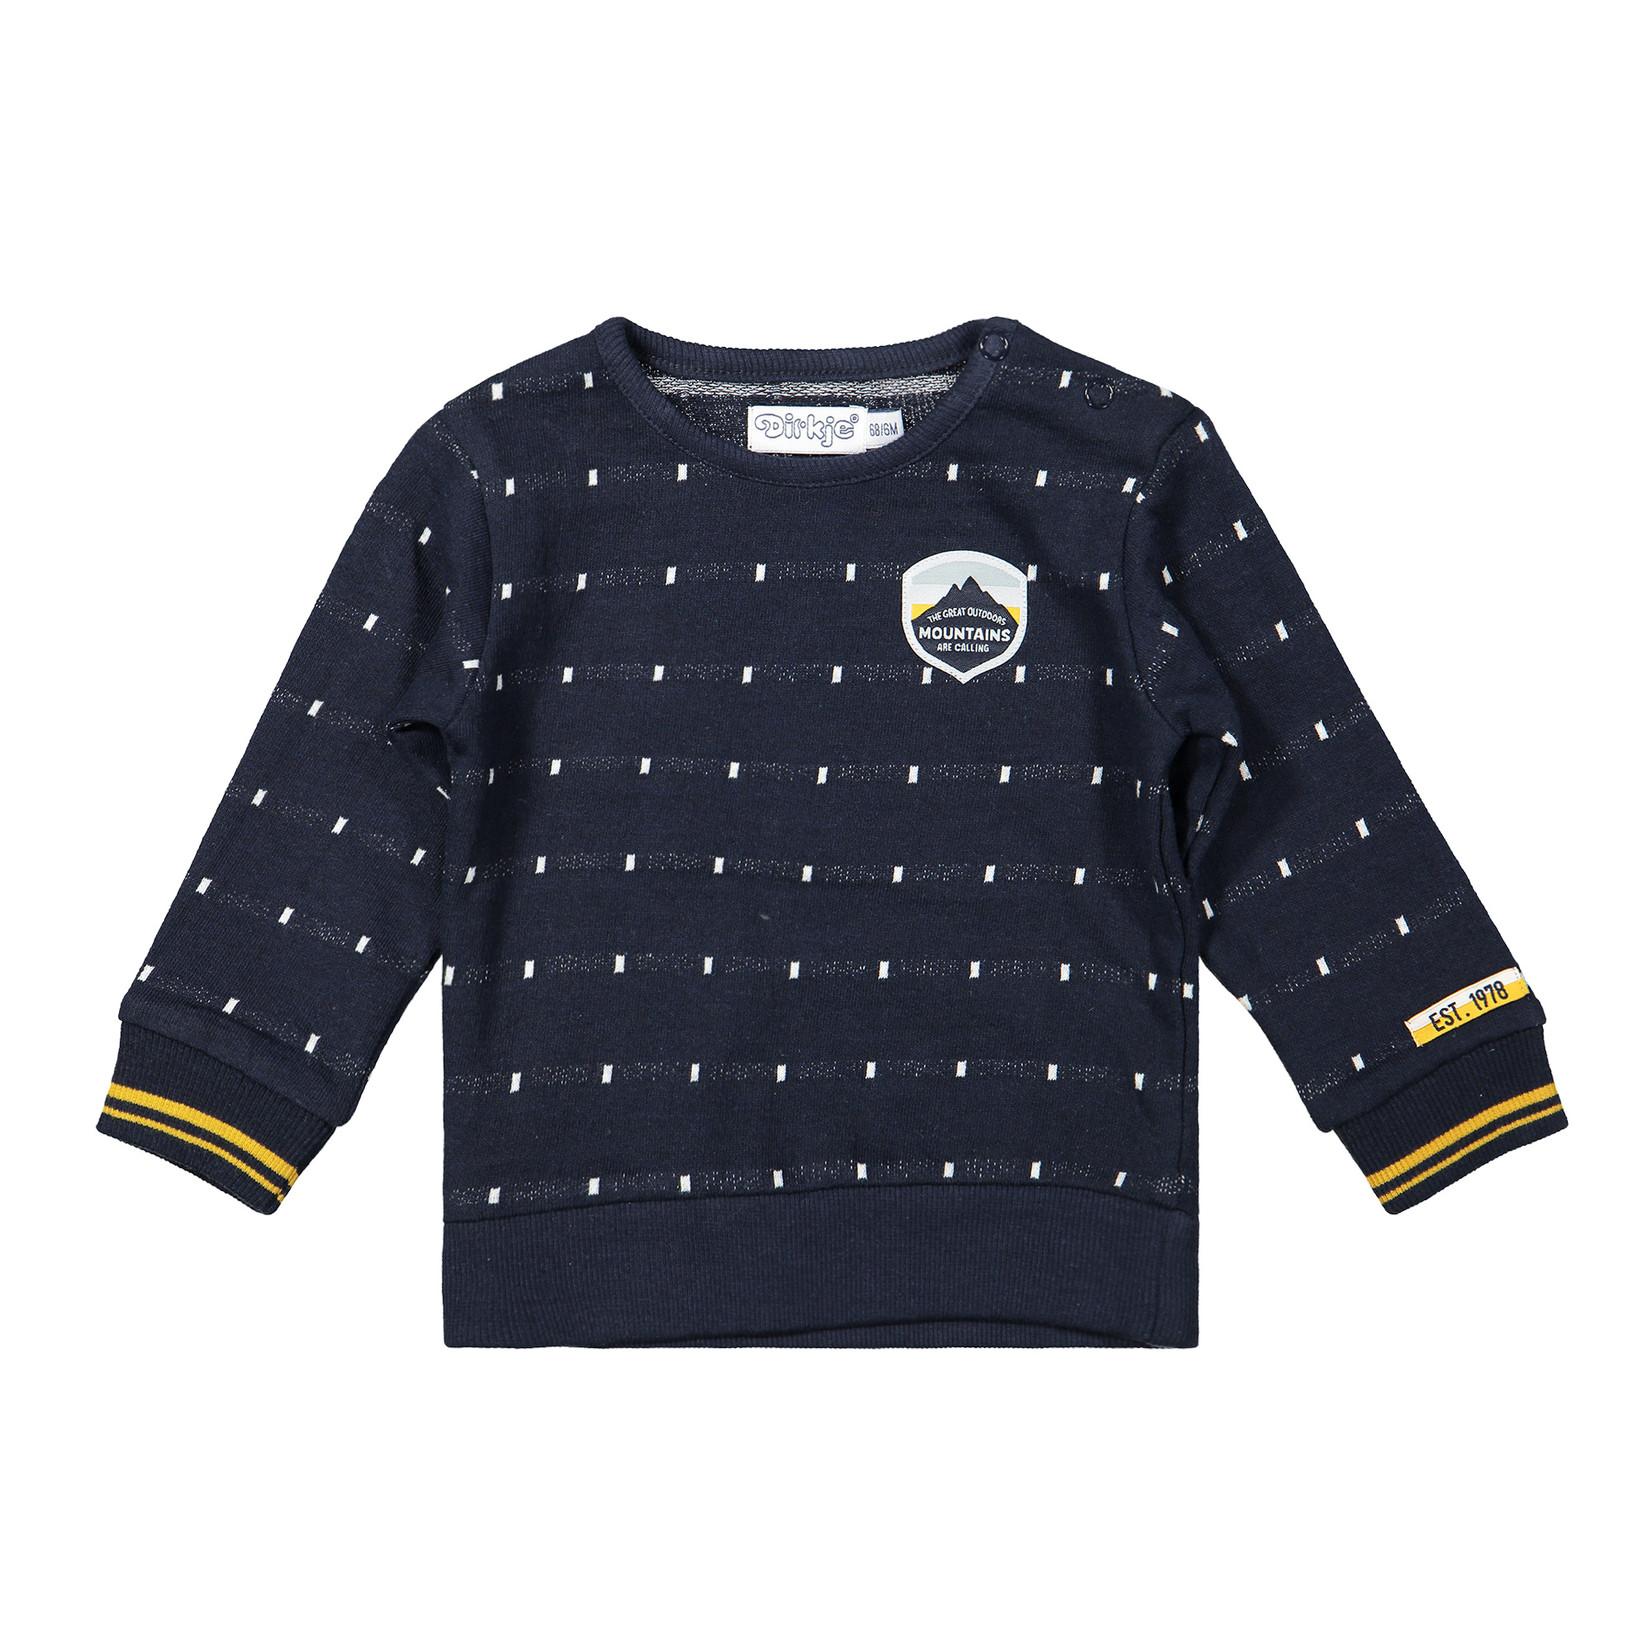 Dirkje Jongens sweater navy geblokt